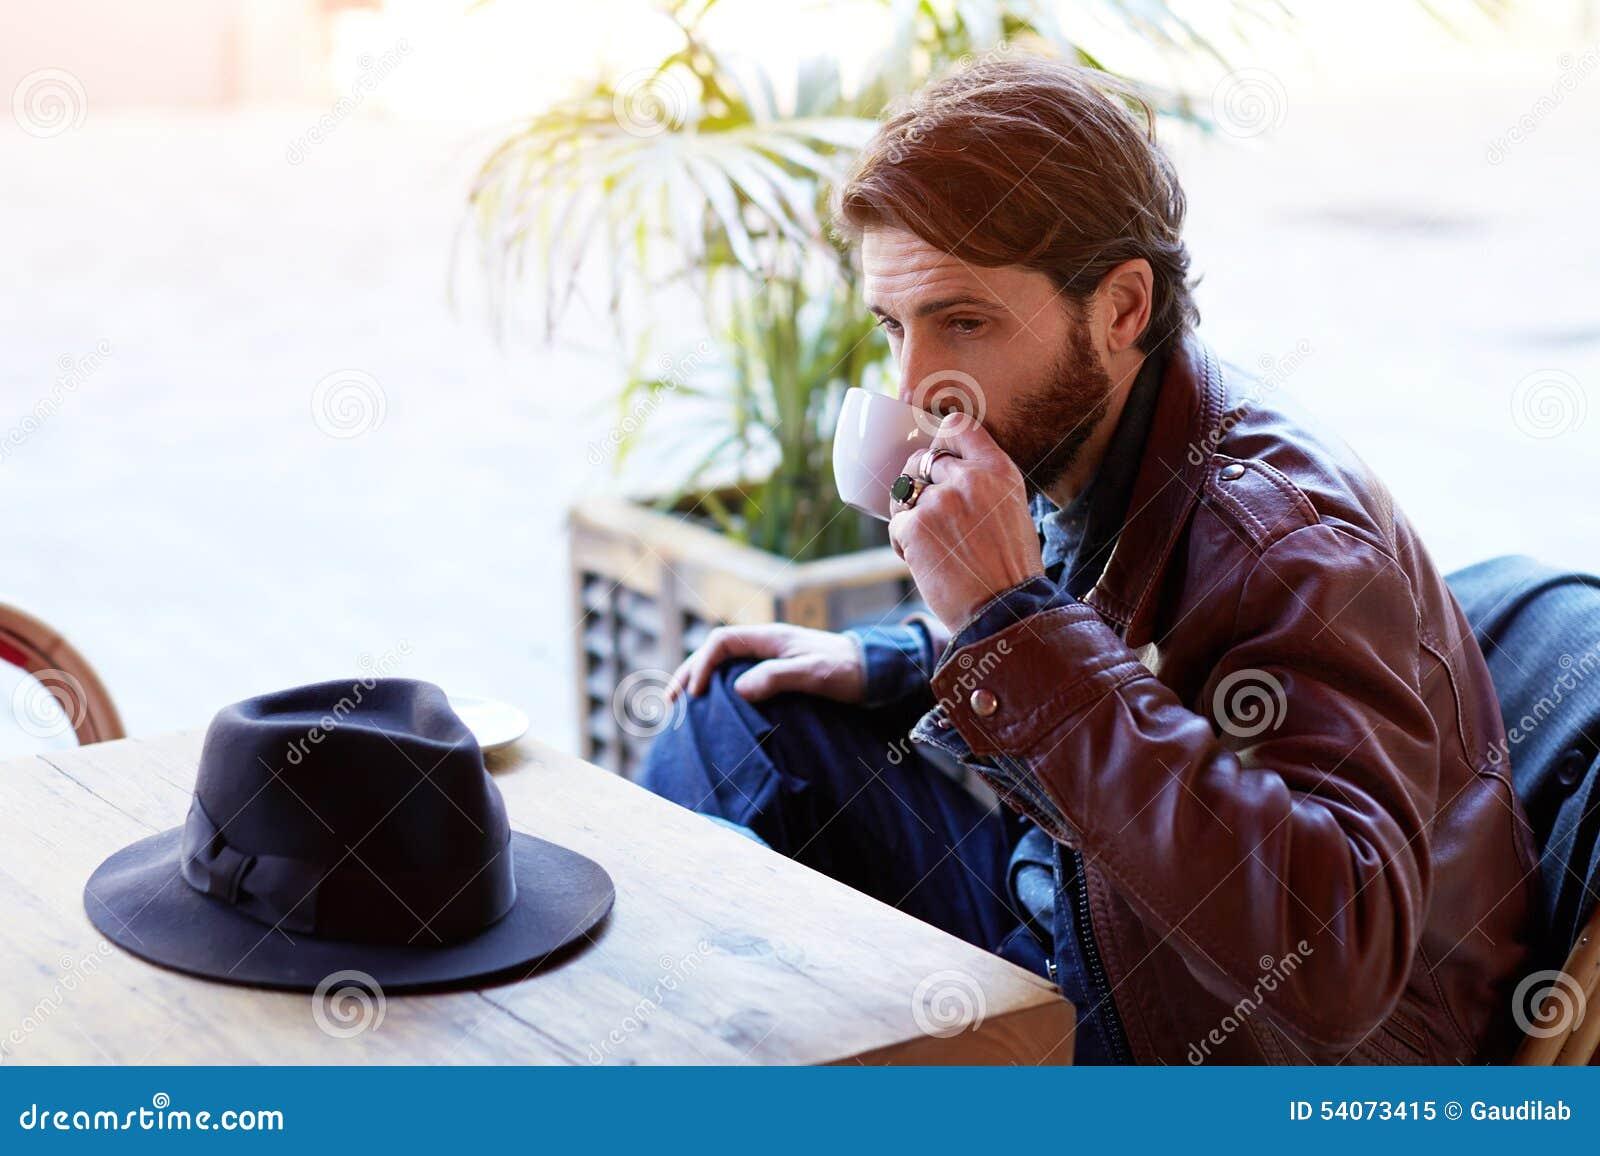 Красивый человек сидя в ресторане и ждать друга который забыл его шляпу